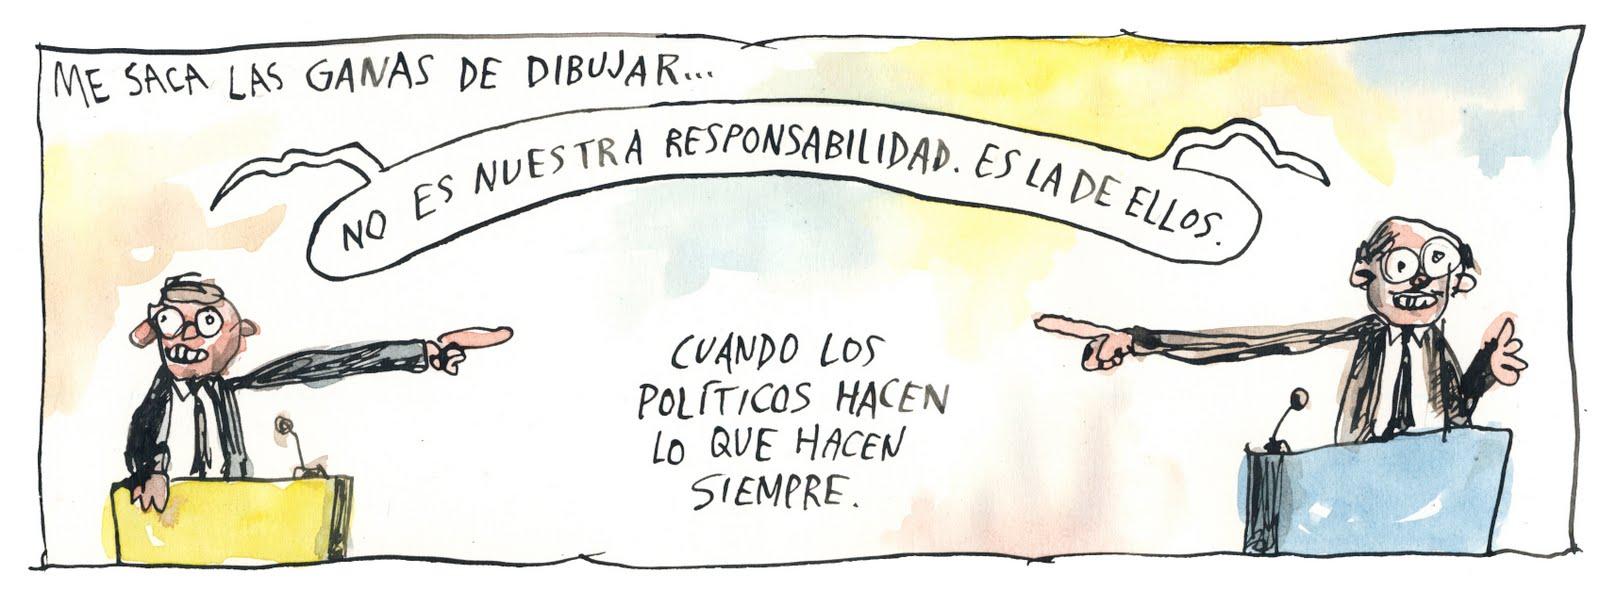 BA 161 - POLITICOS